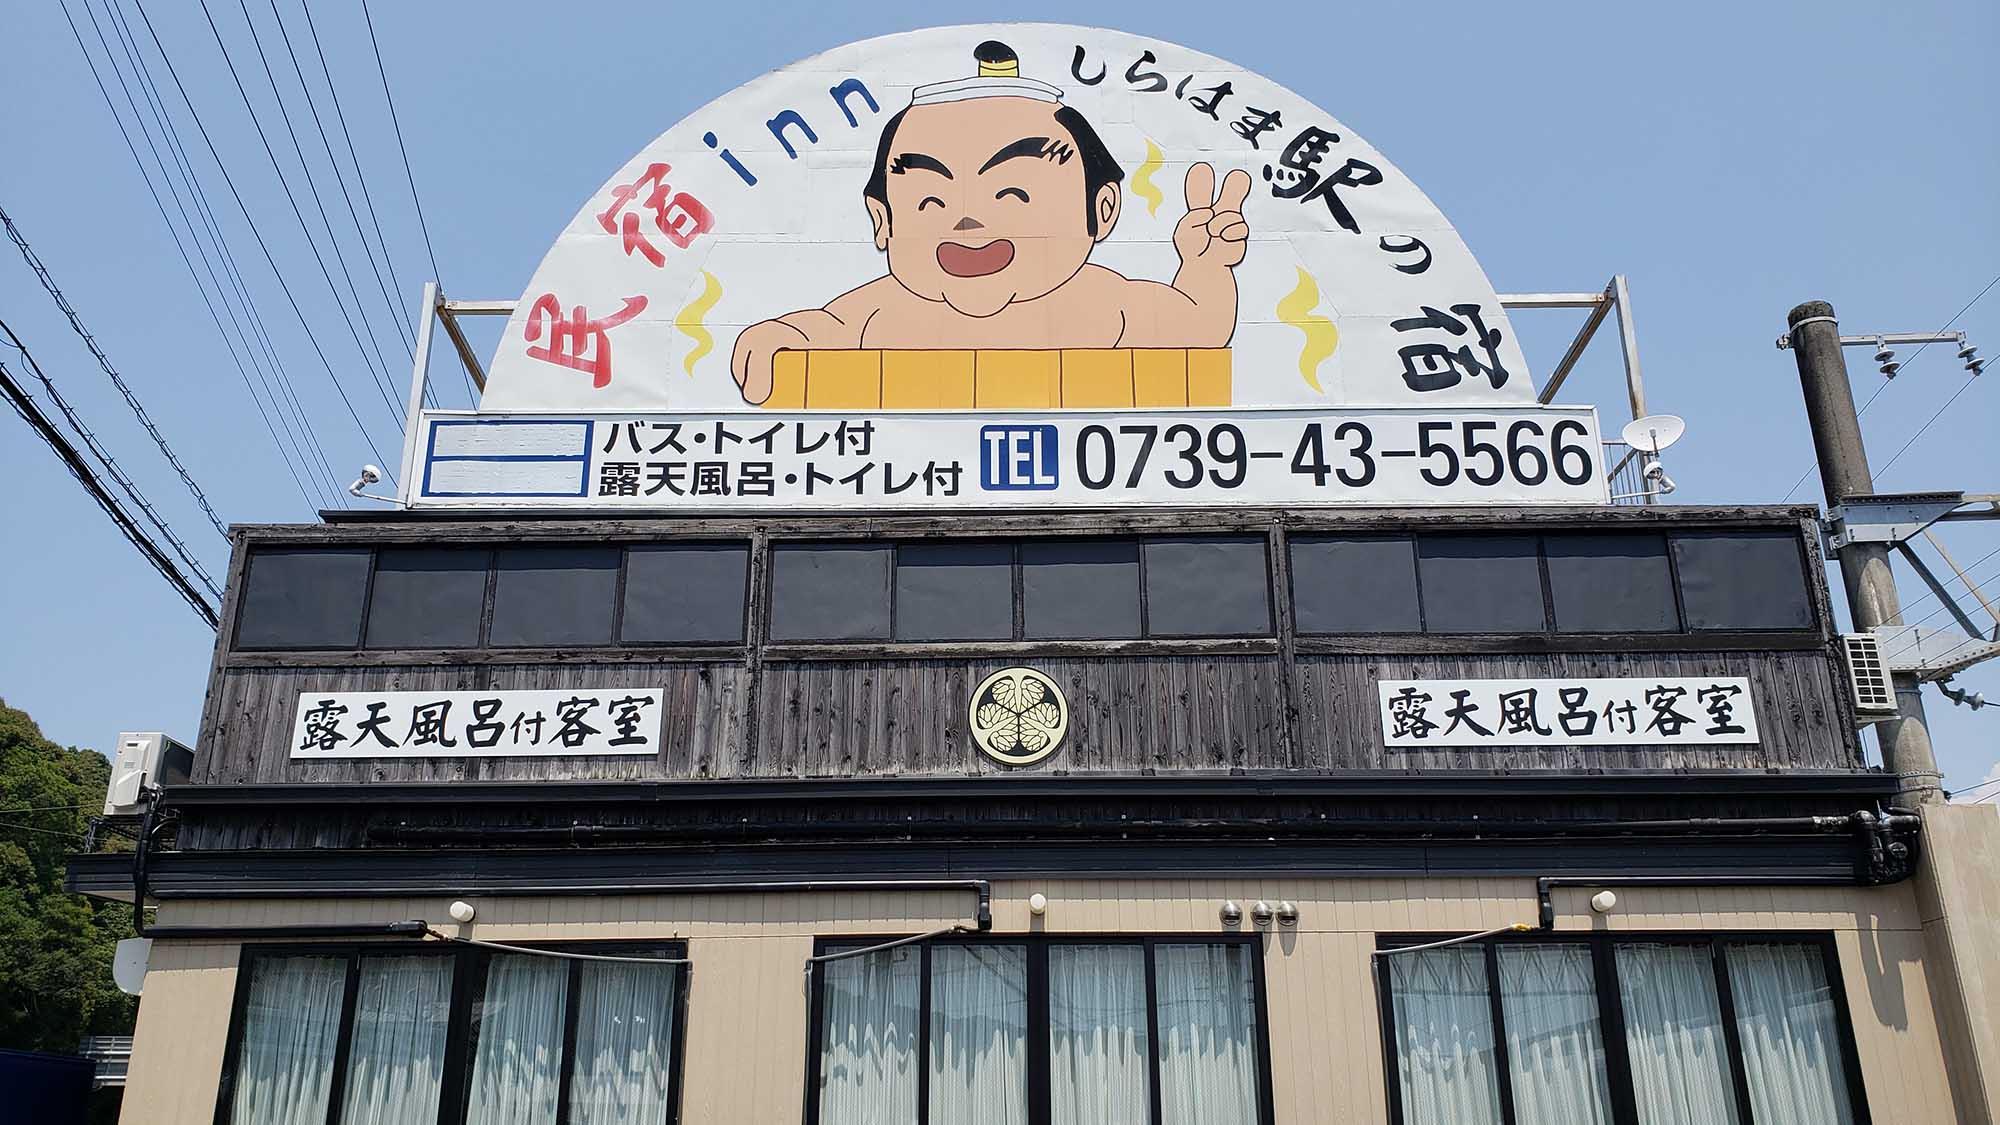 民宿 inn しらはま 駅の宿◆楽天トラベル